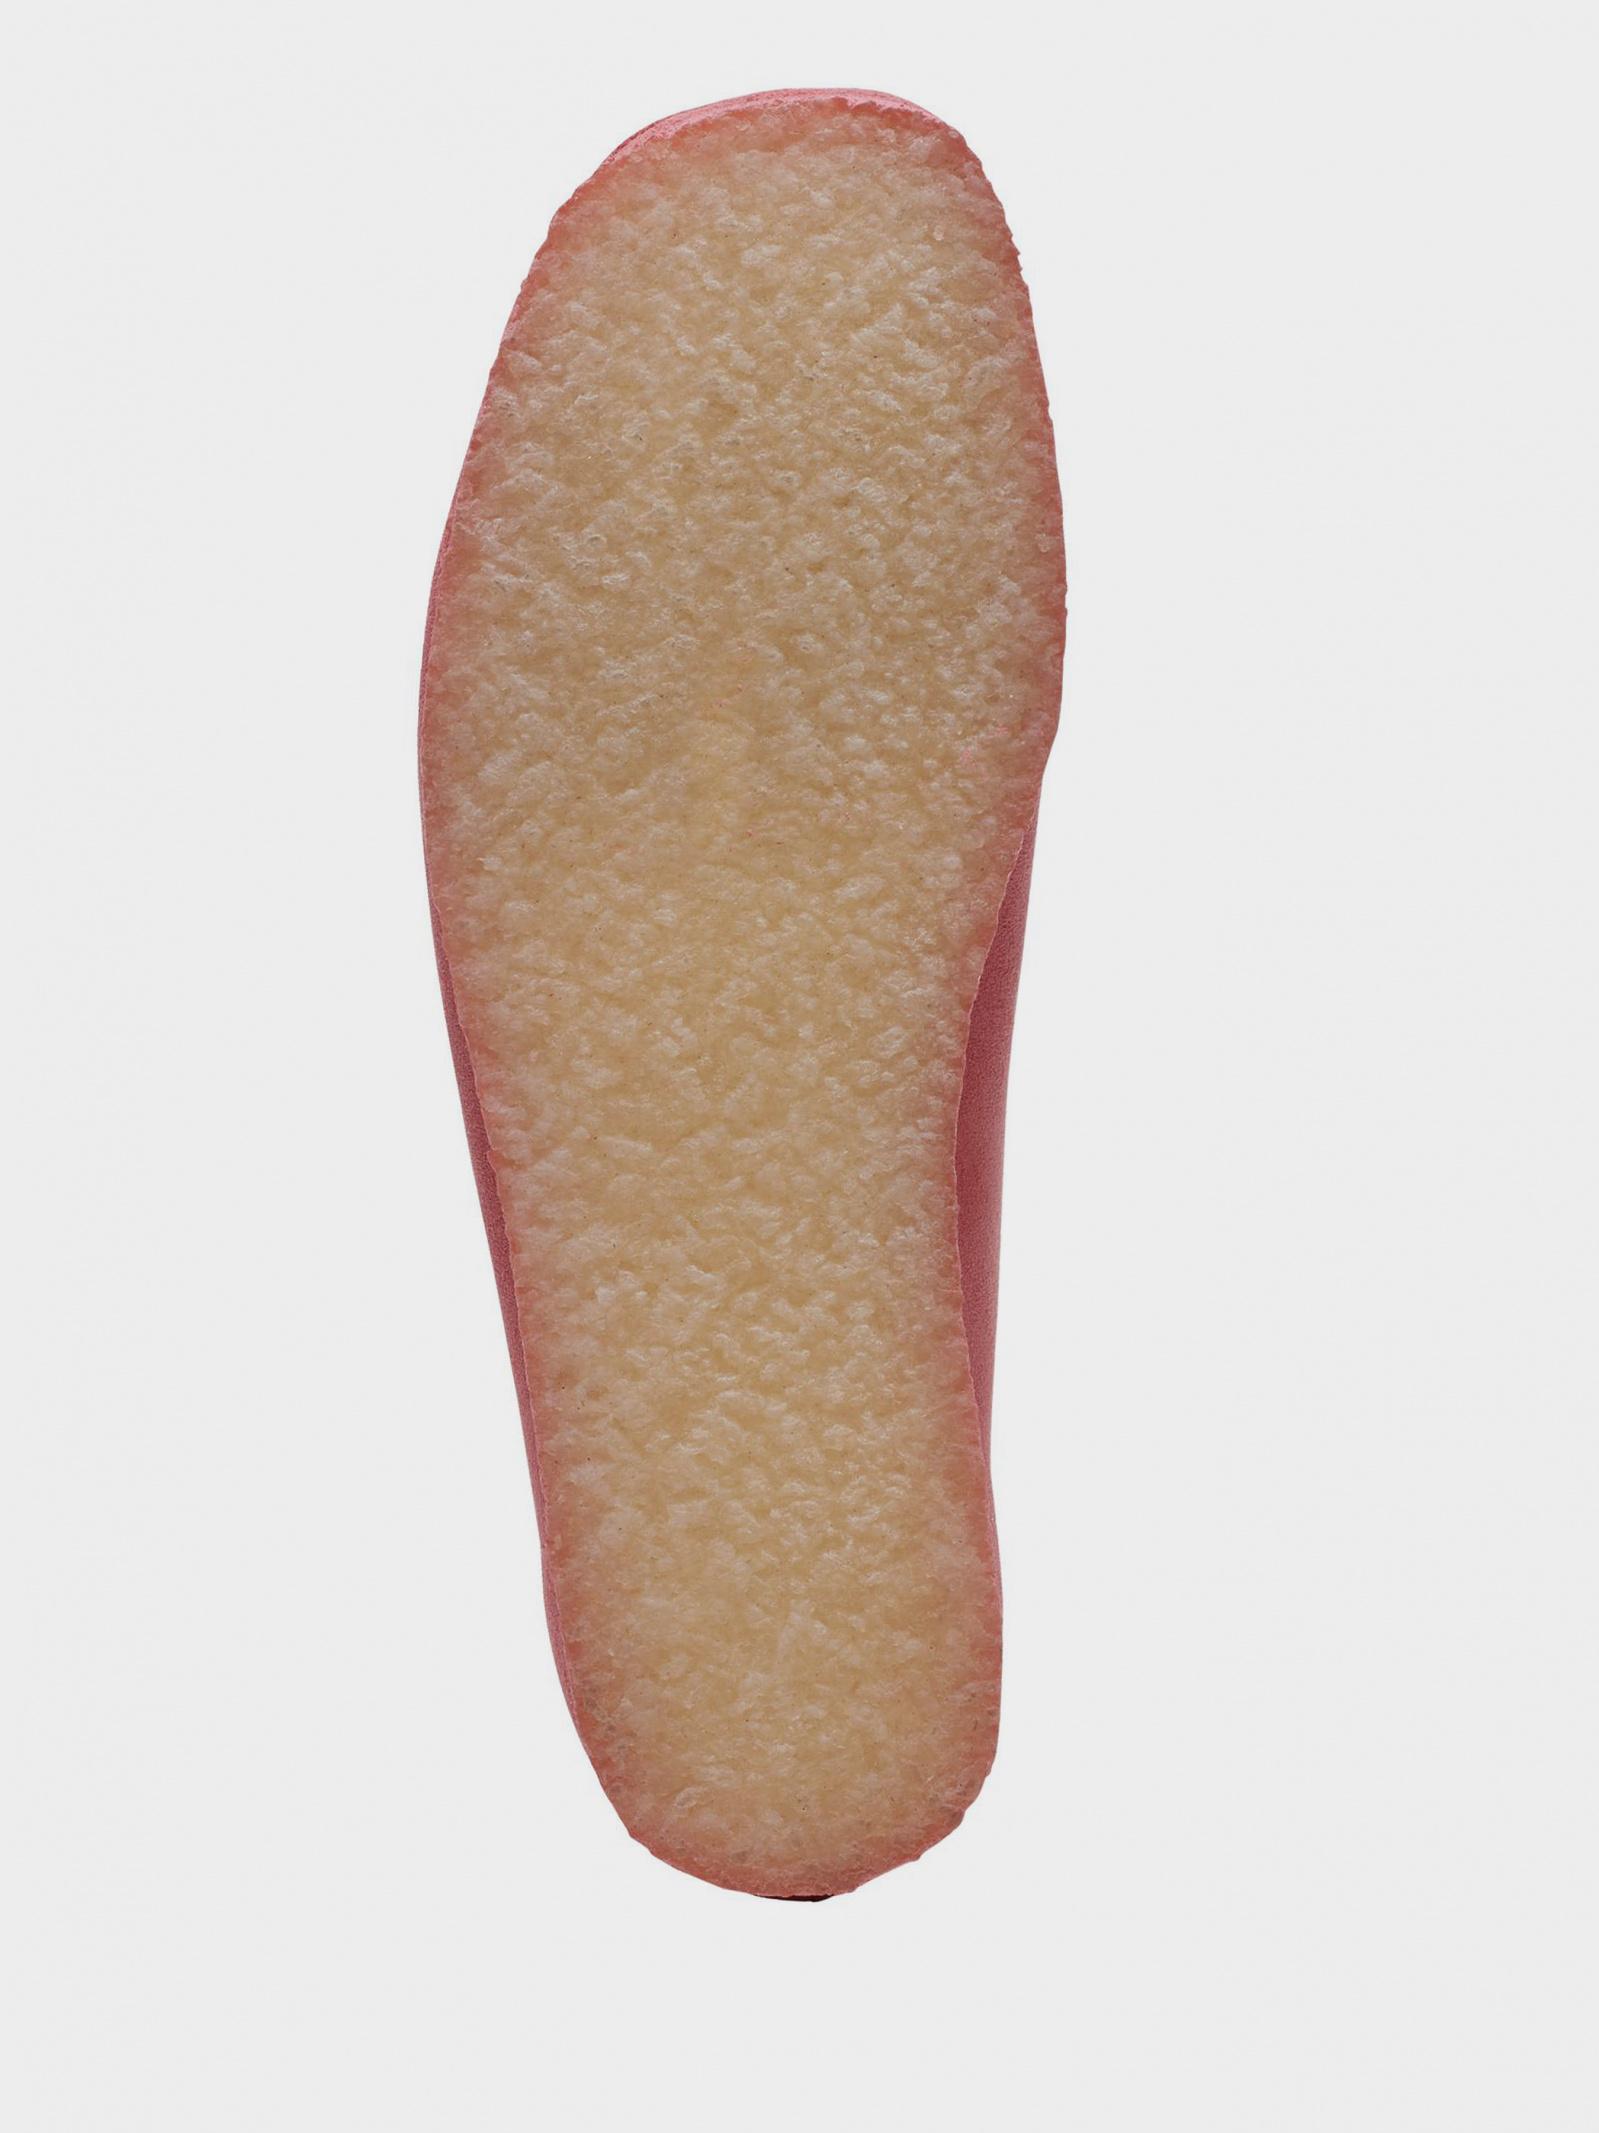 Напівчеревики  для жінок Clarks Wallabee. 26148416 купити в Iнтертоп, 2017